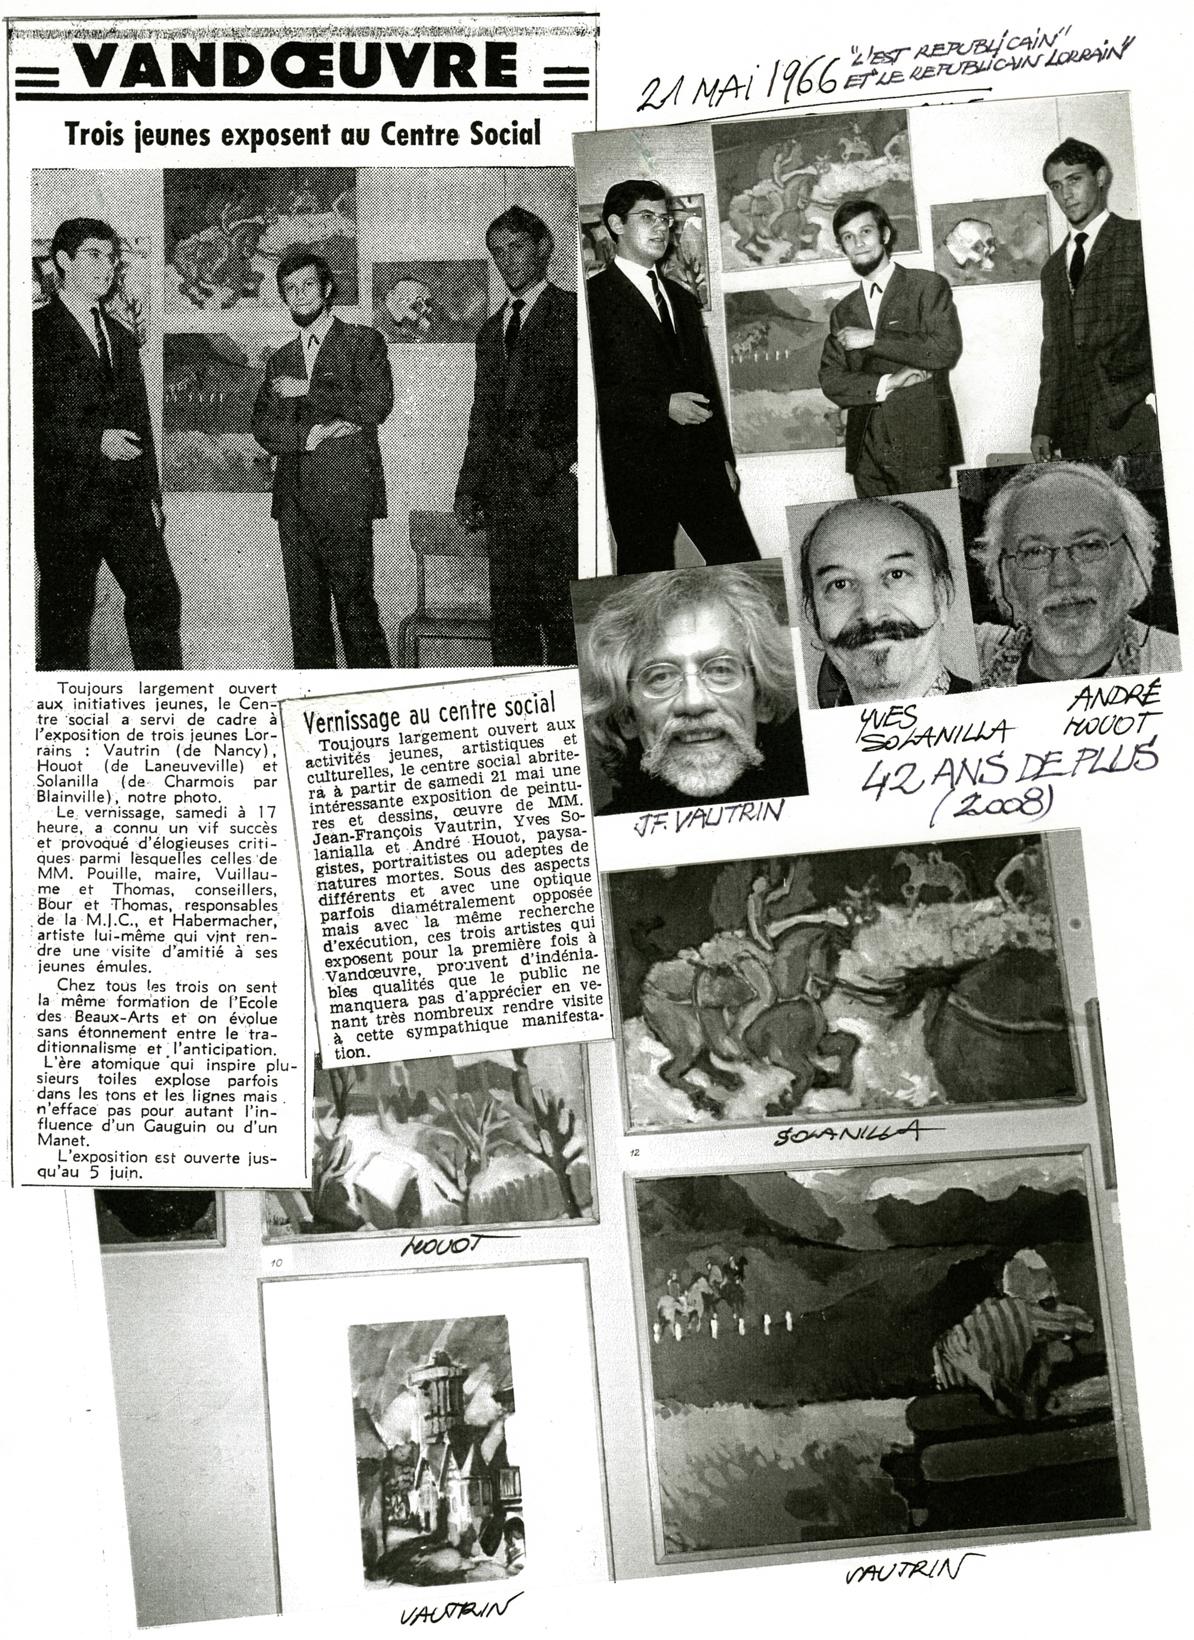 1966 Journal Vandoeuvre. Expo Vautrin, Solanilla, Houot